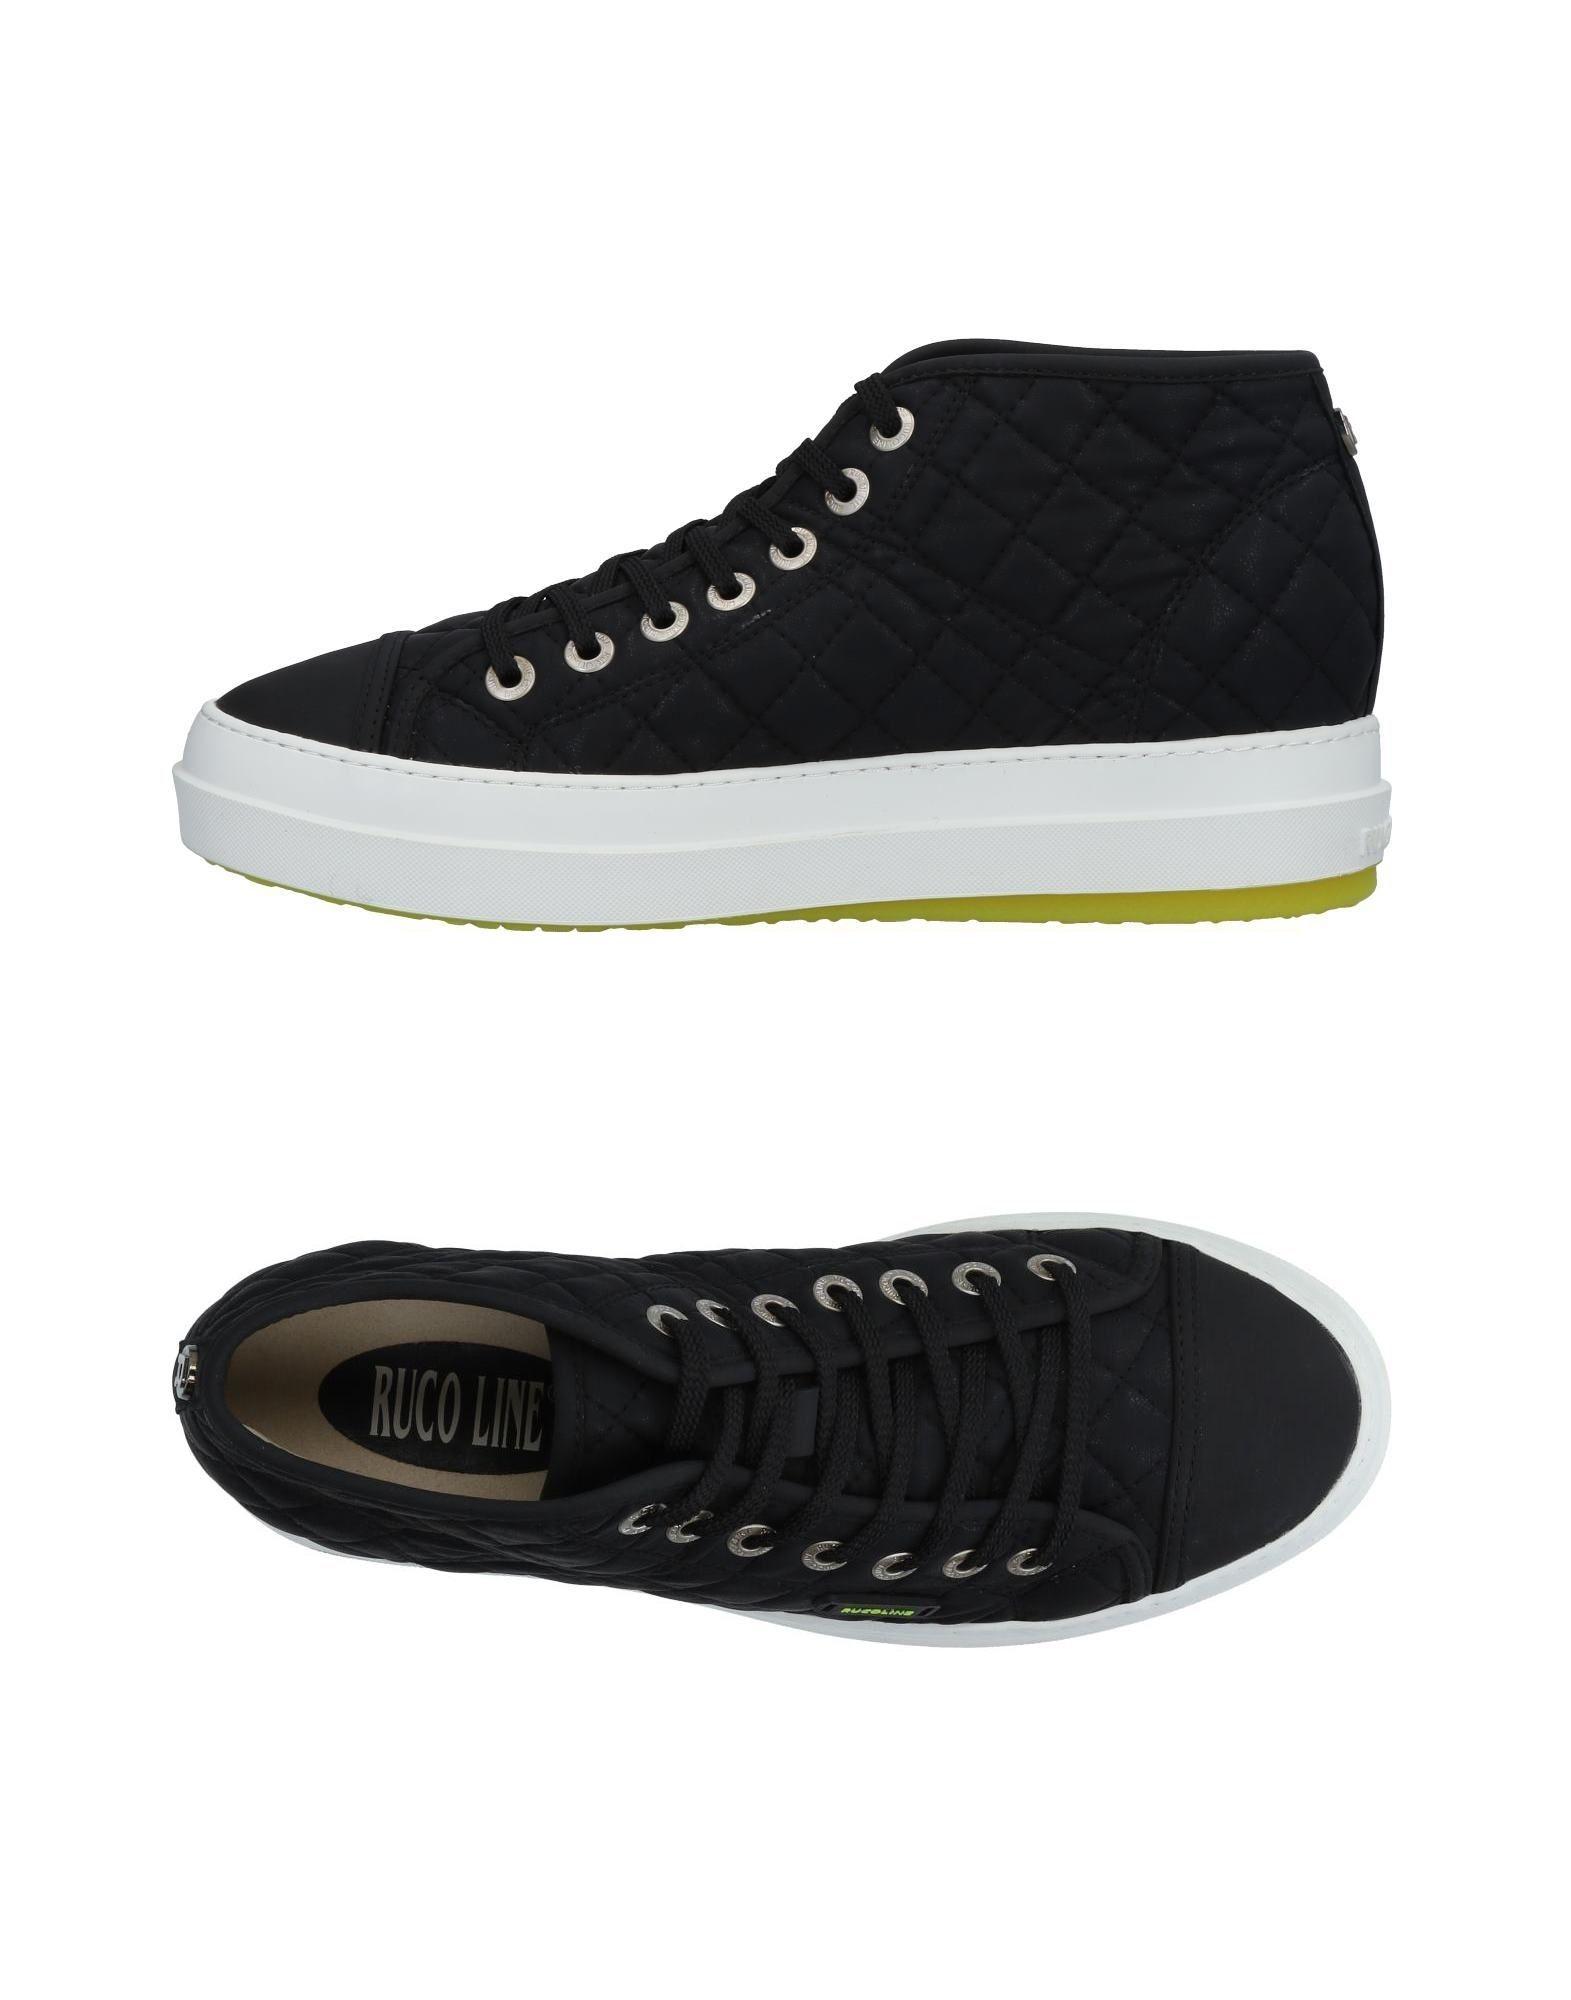 Ruco Line Sneakers Qualität Damen  11477751OT Gute Qualität Sneakers beliebte Schuhe 36a898